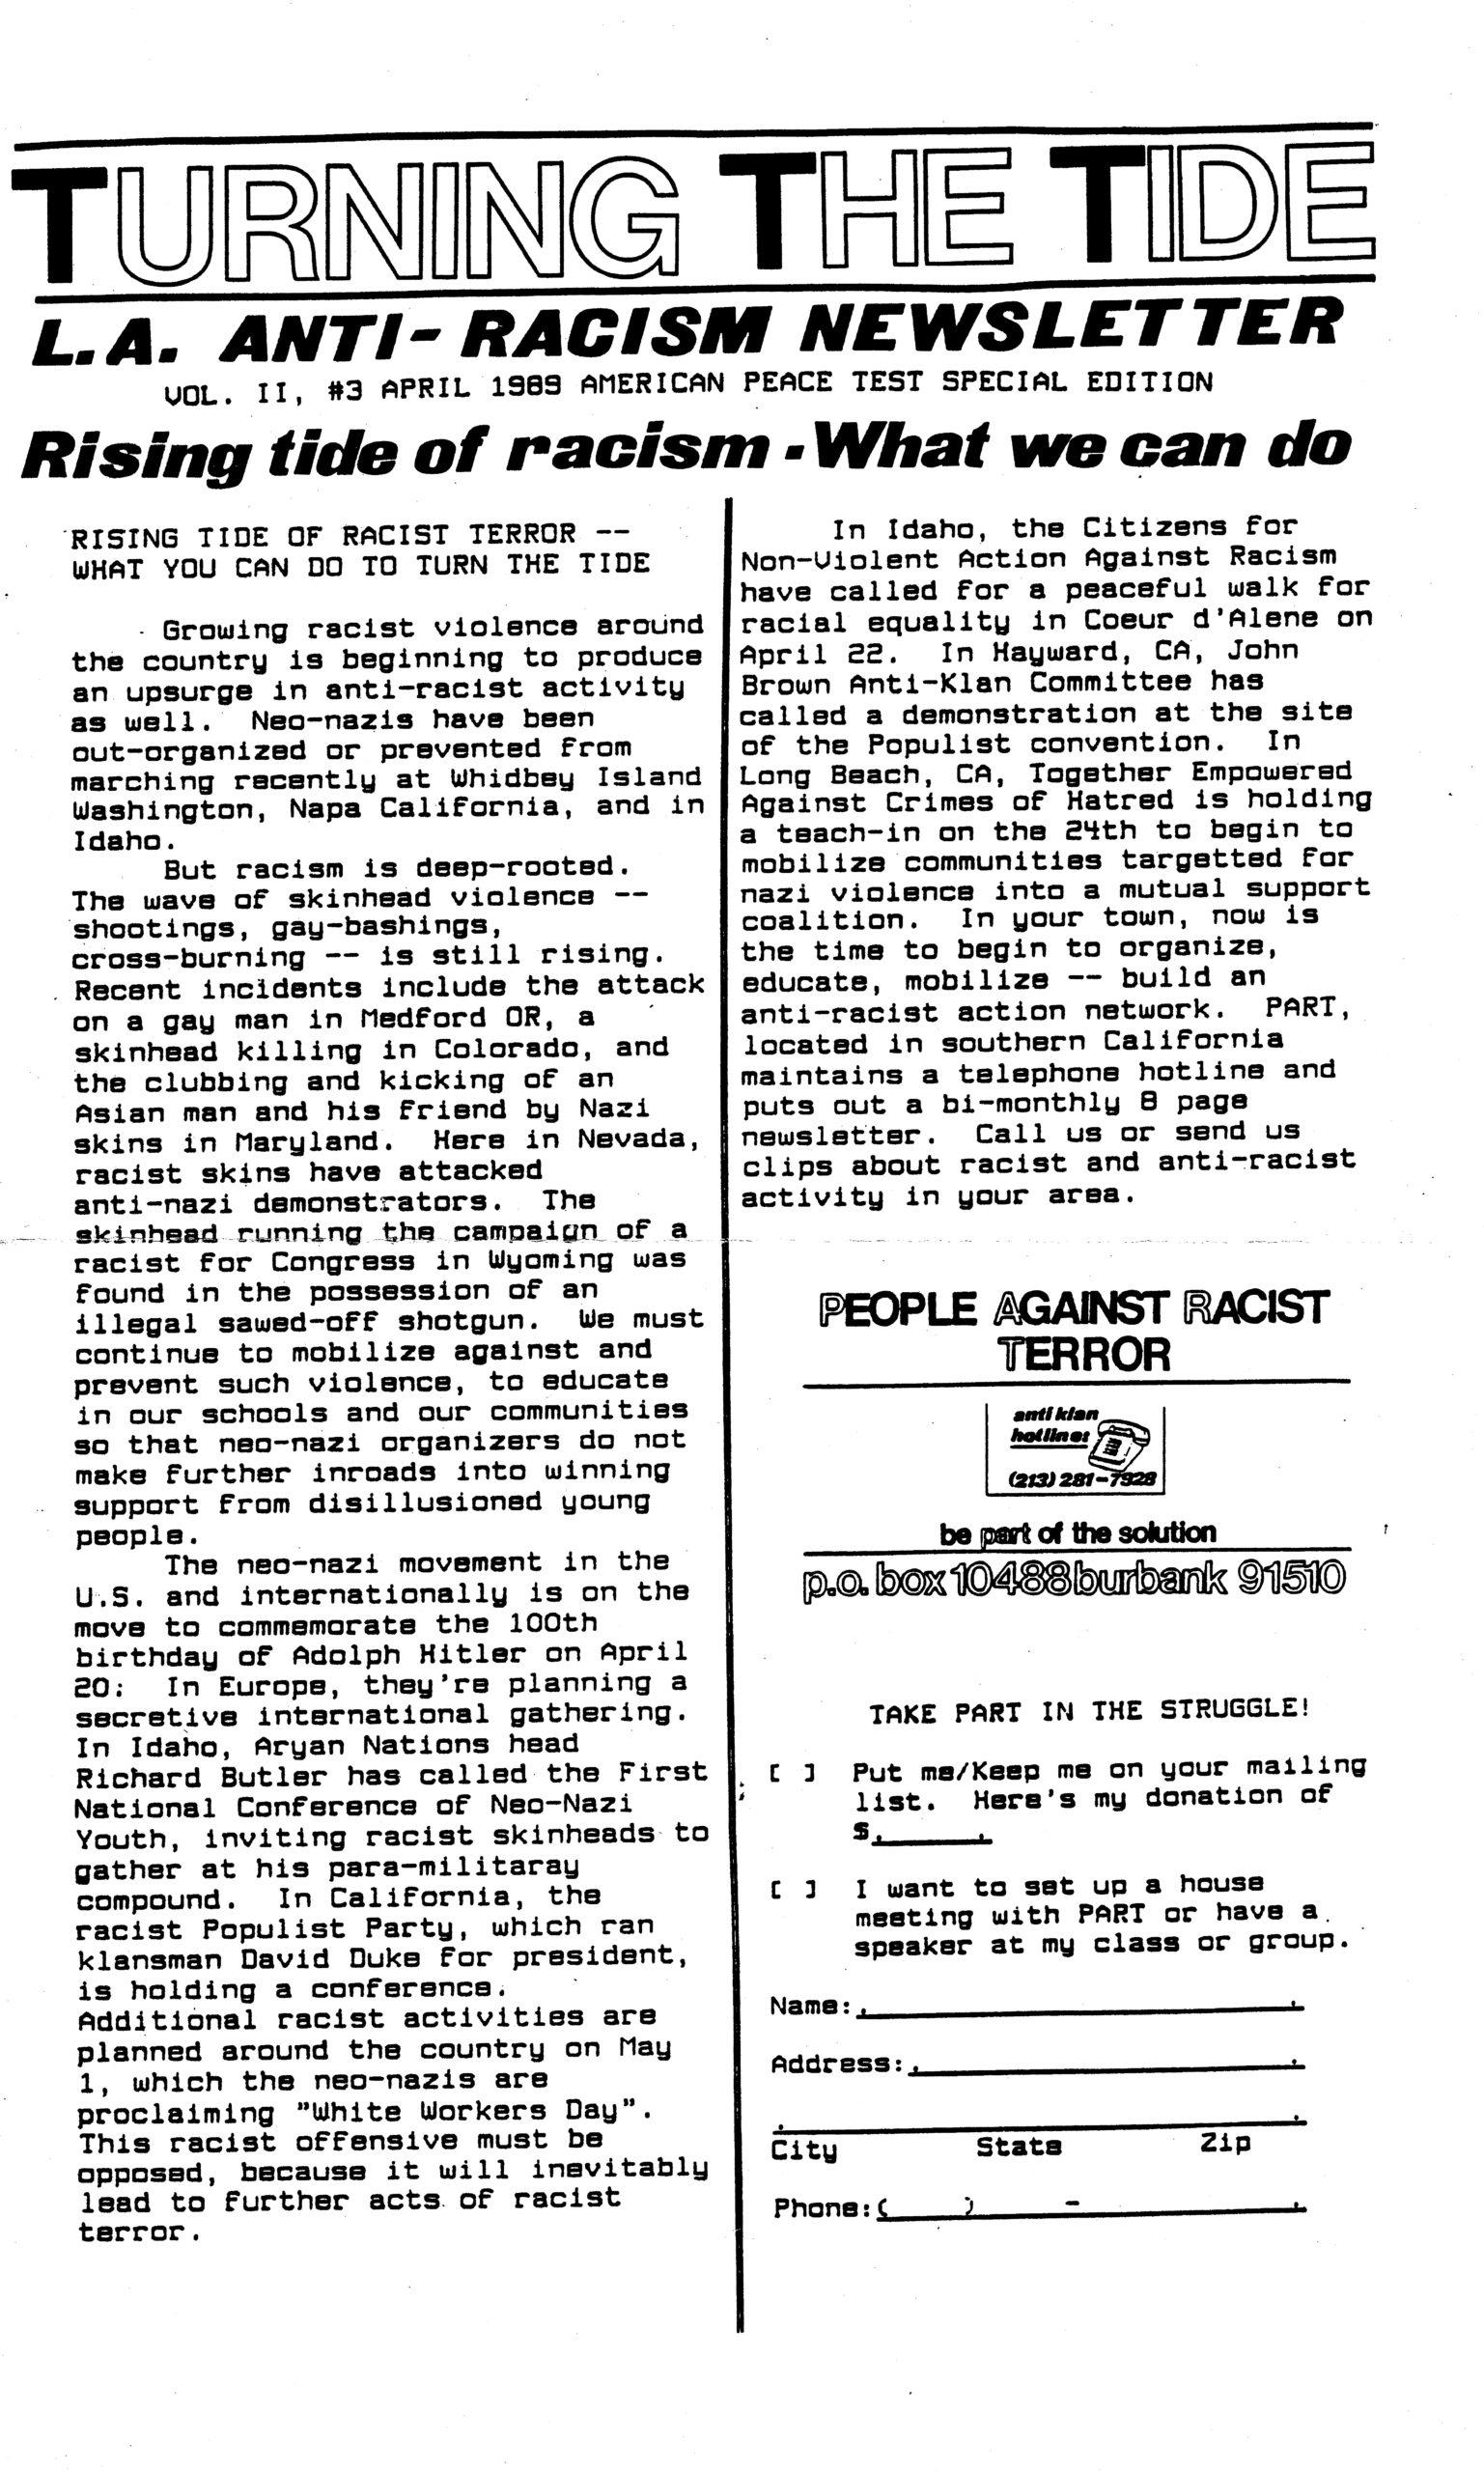 TTT Vol 2 #3 April 1989